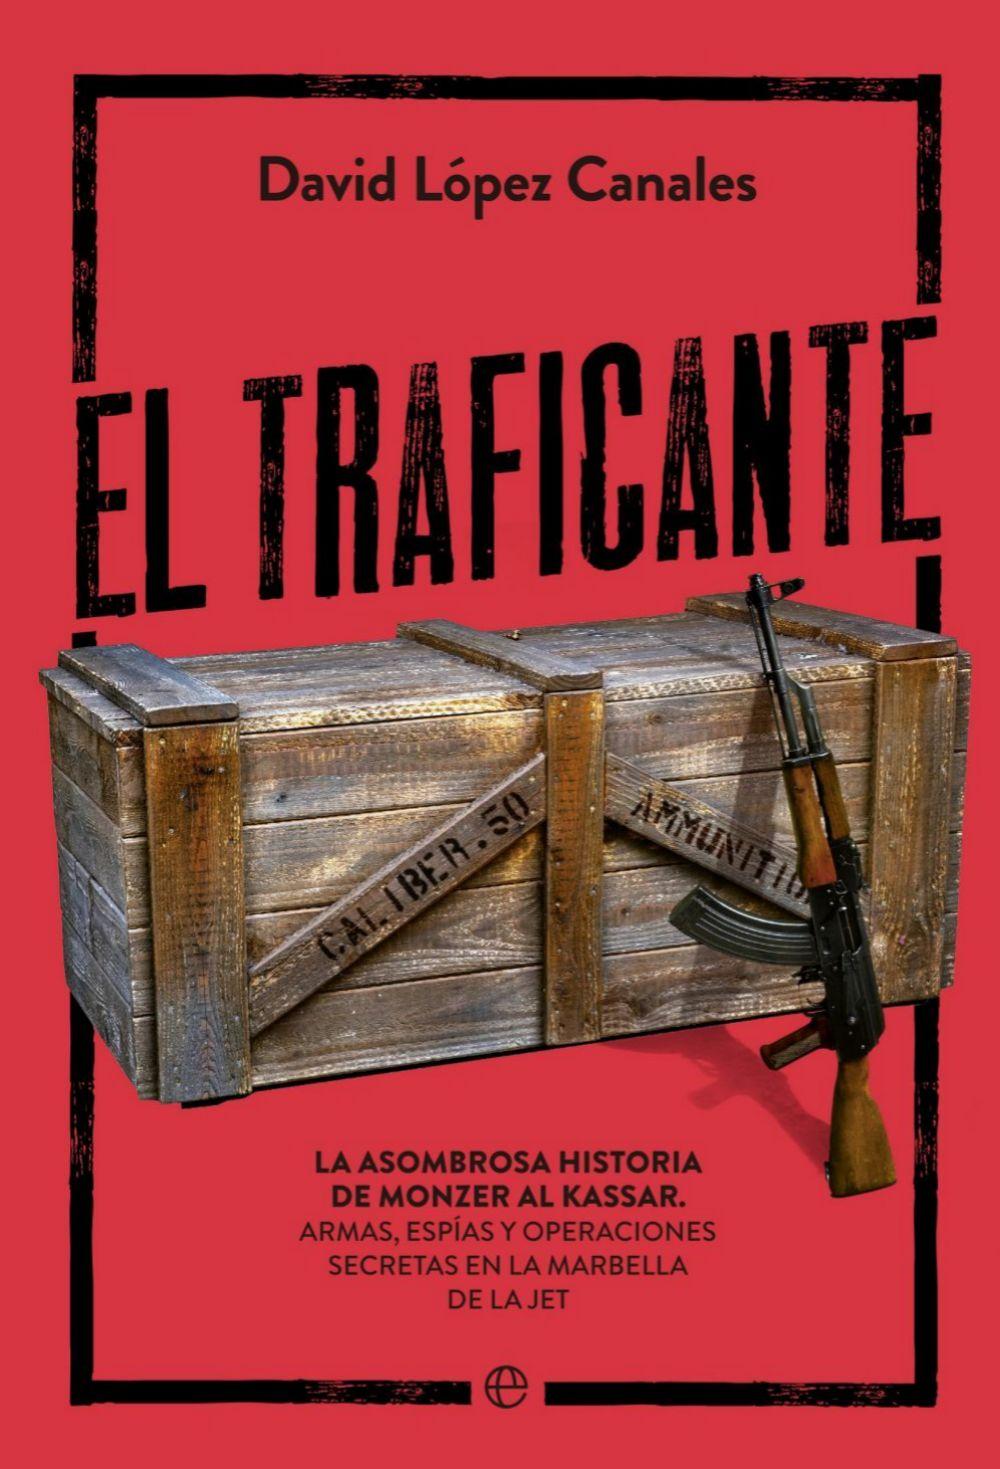 El traficante, de David López Canales